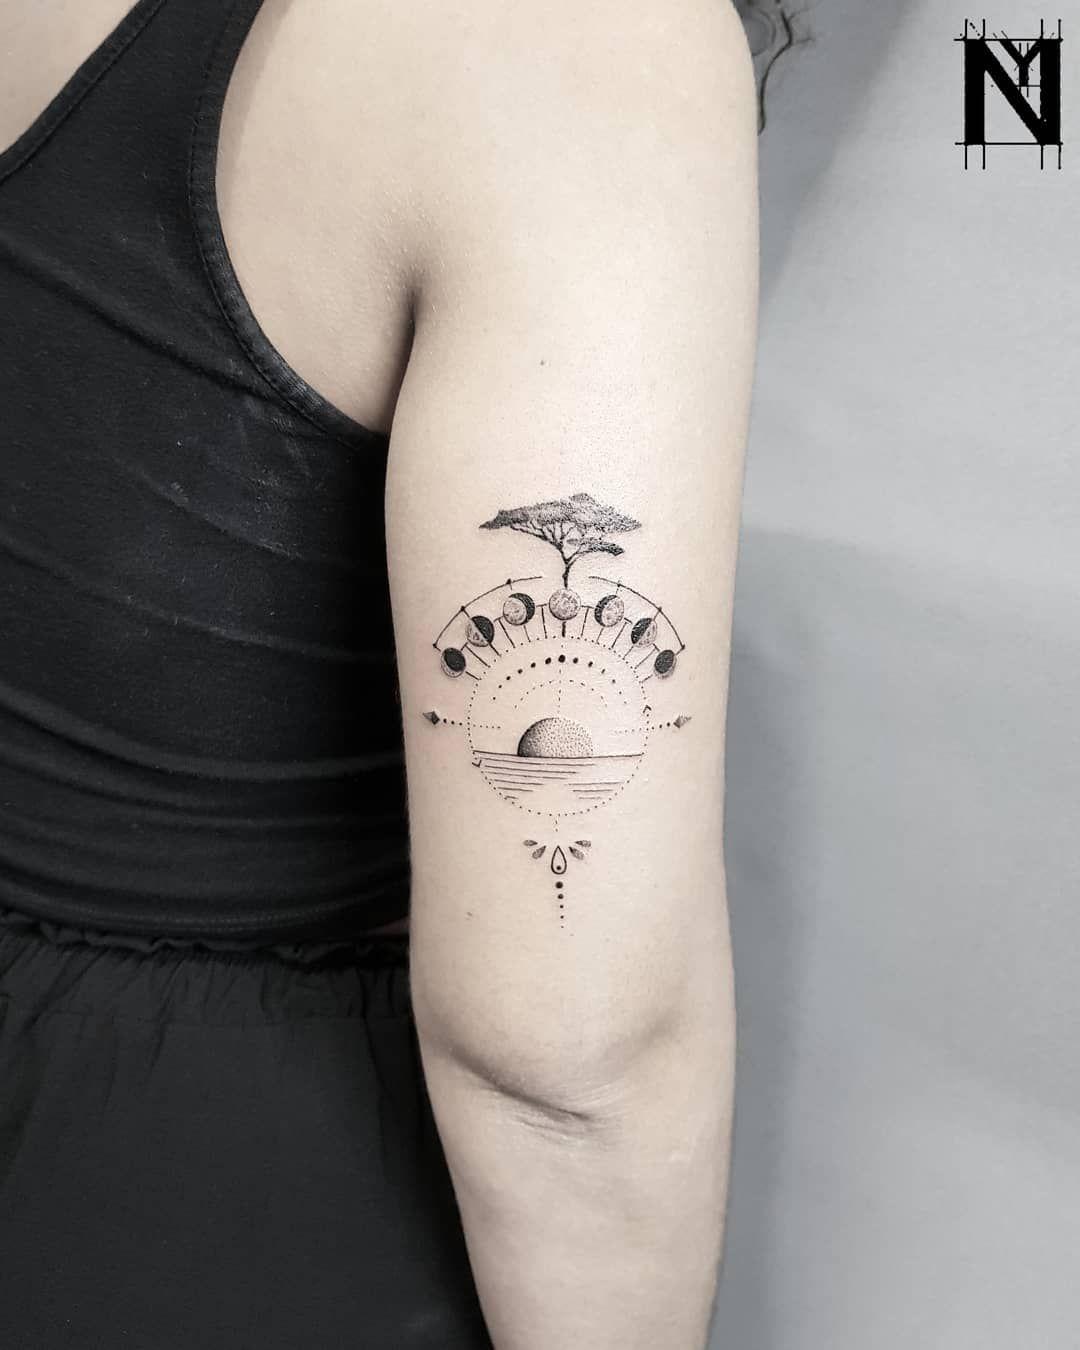 Aylen Moon pinaylen olivera on tatuajes | tatuajes